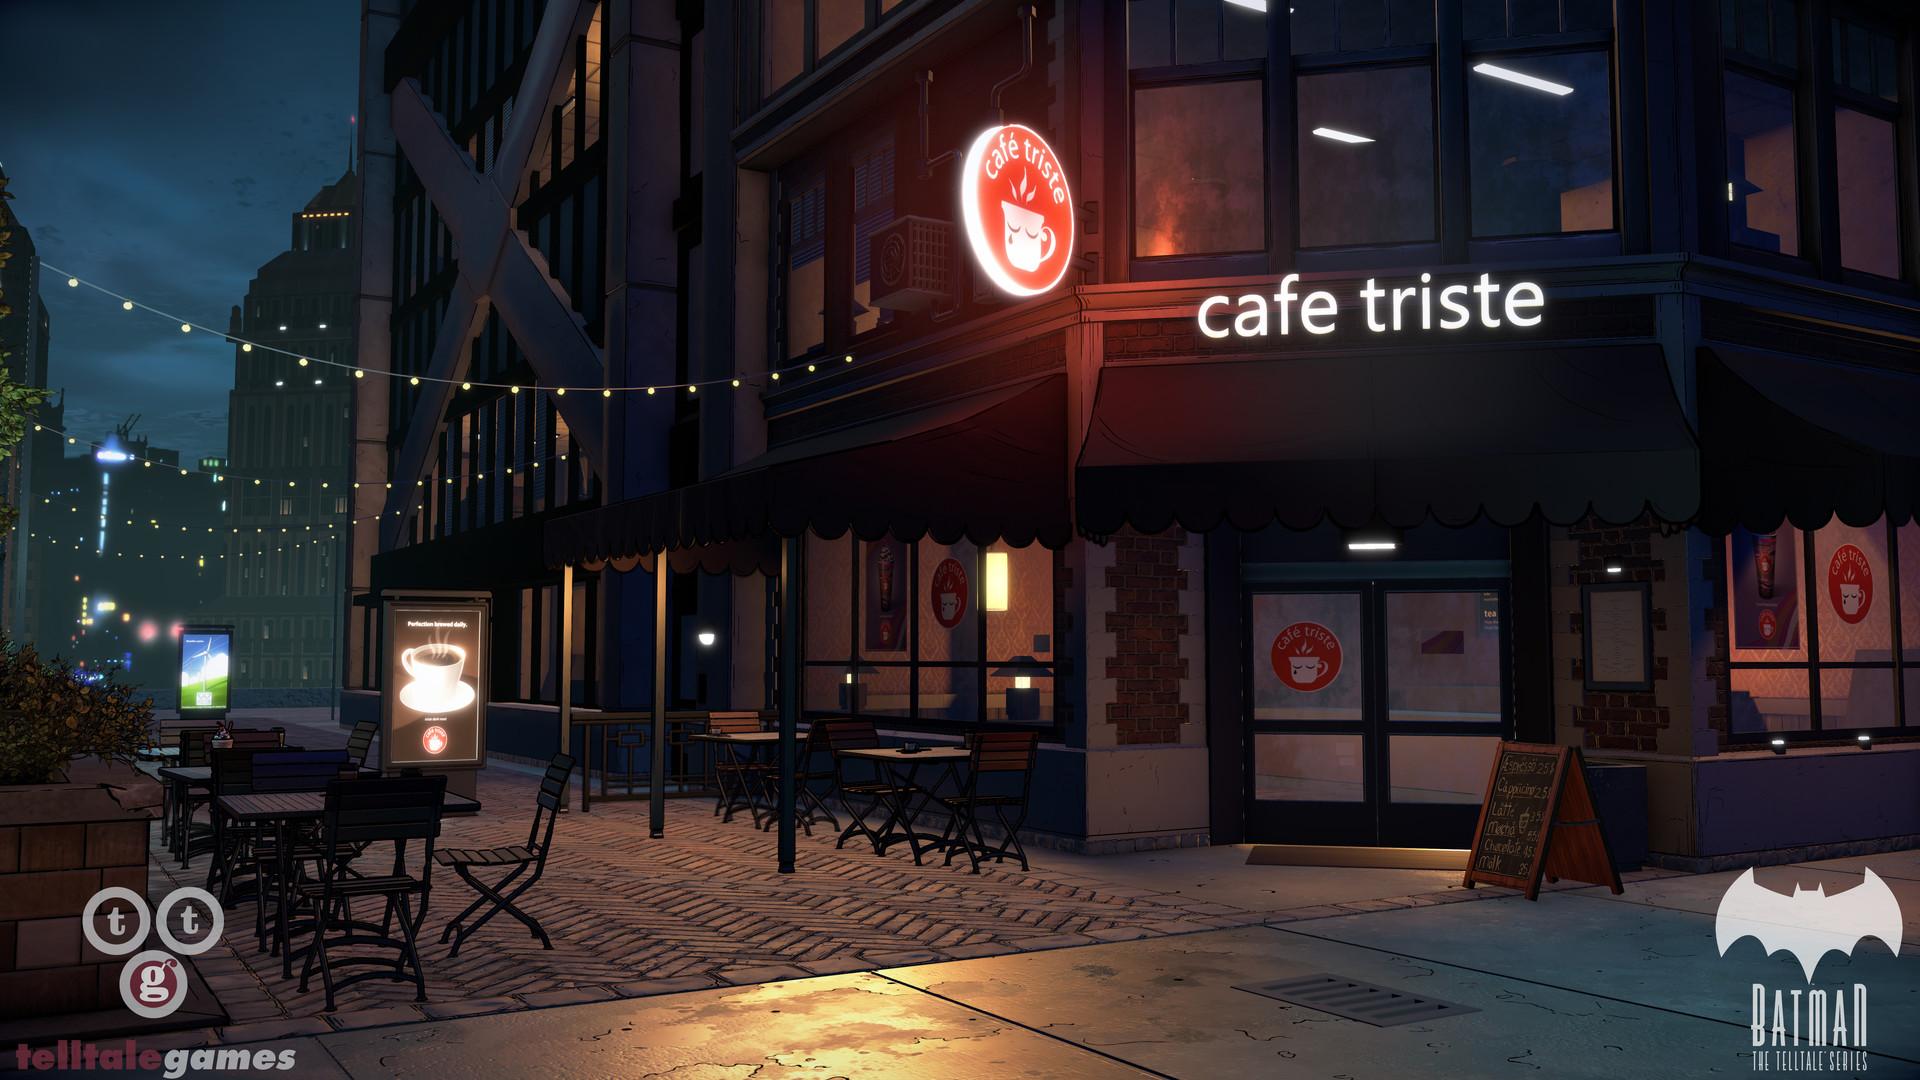 cafe_lighting.jpg